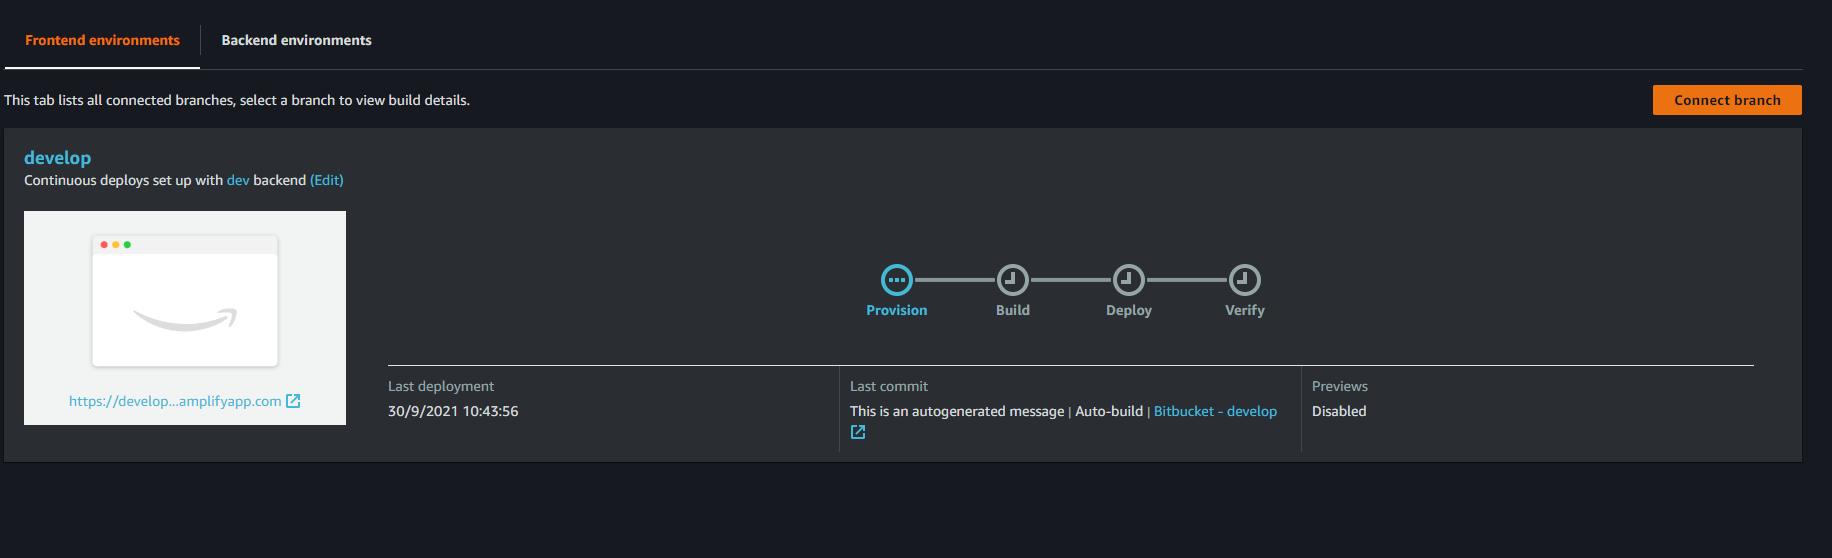 confirmación del deploy de la aplicación con aws amplify